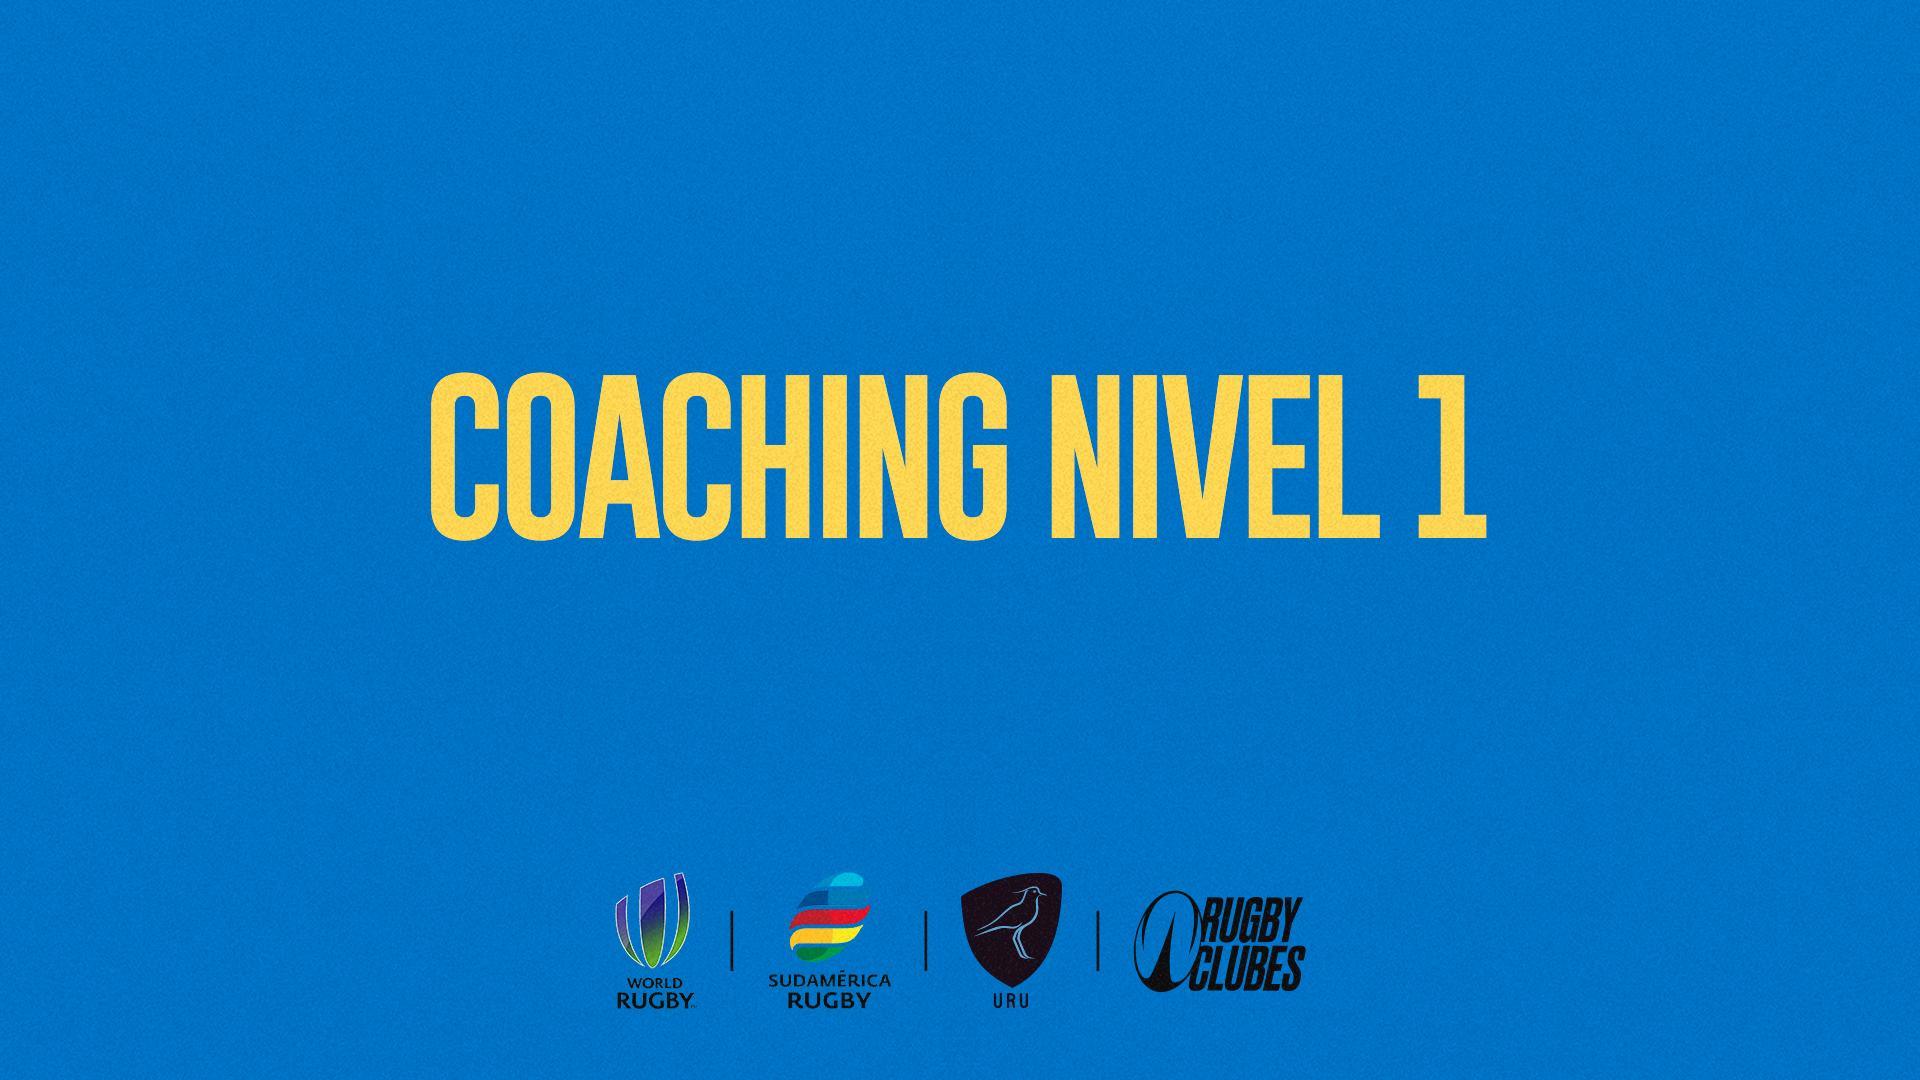 Coaching Nivel 1